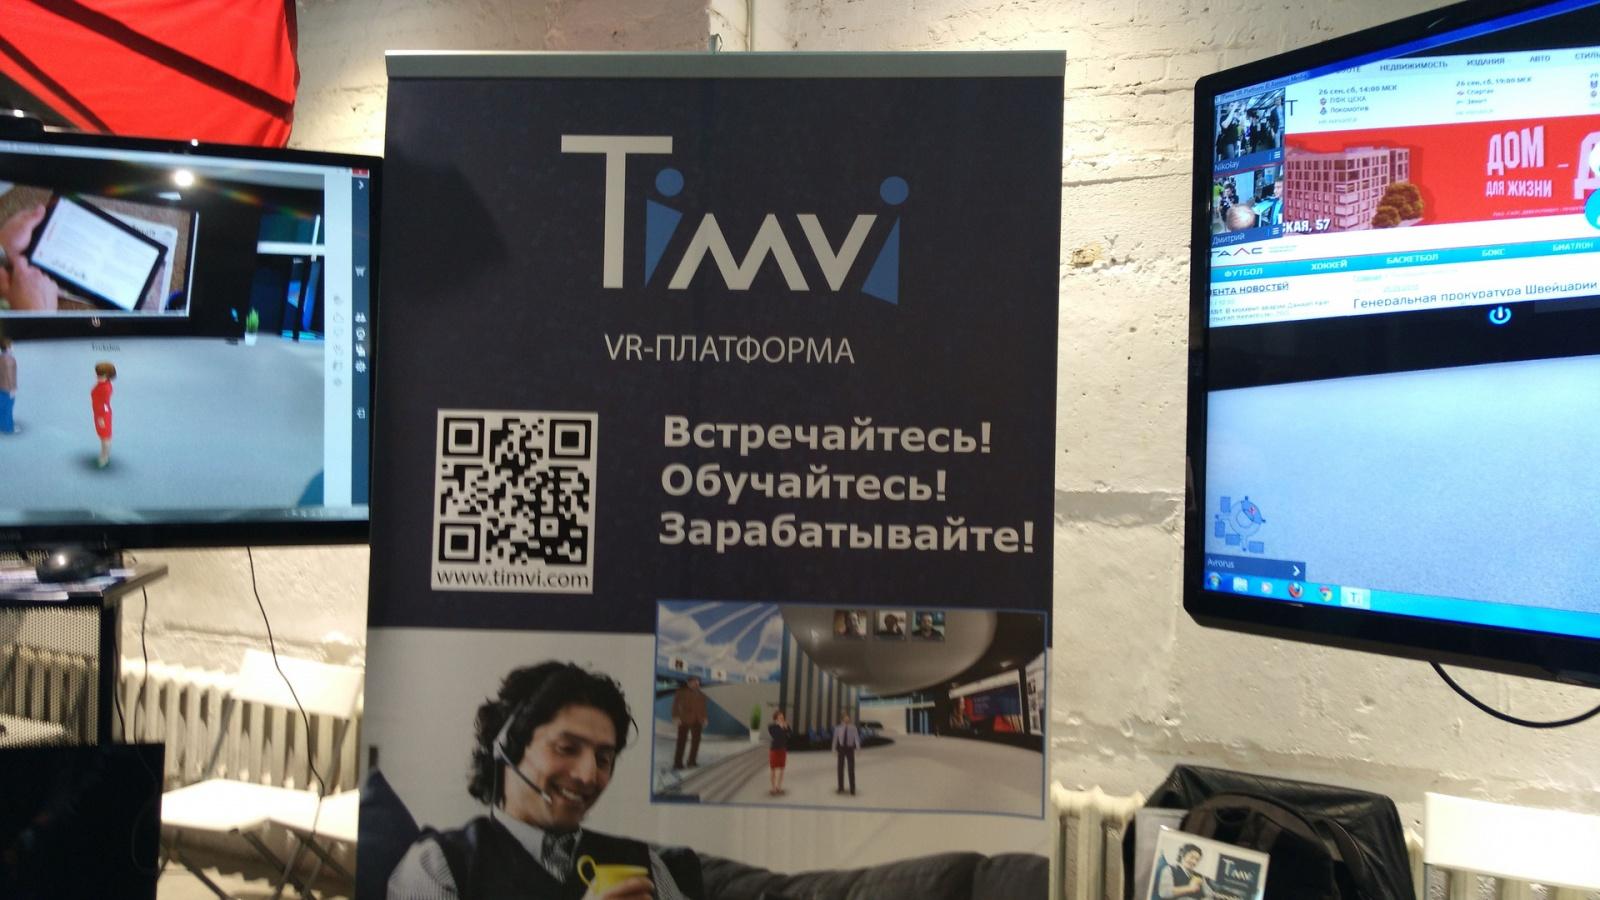 Репортаж с mixAR2015: Технологии AR&VR - 9